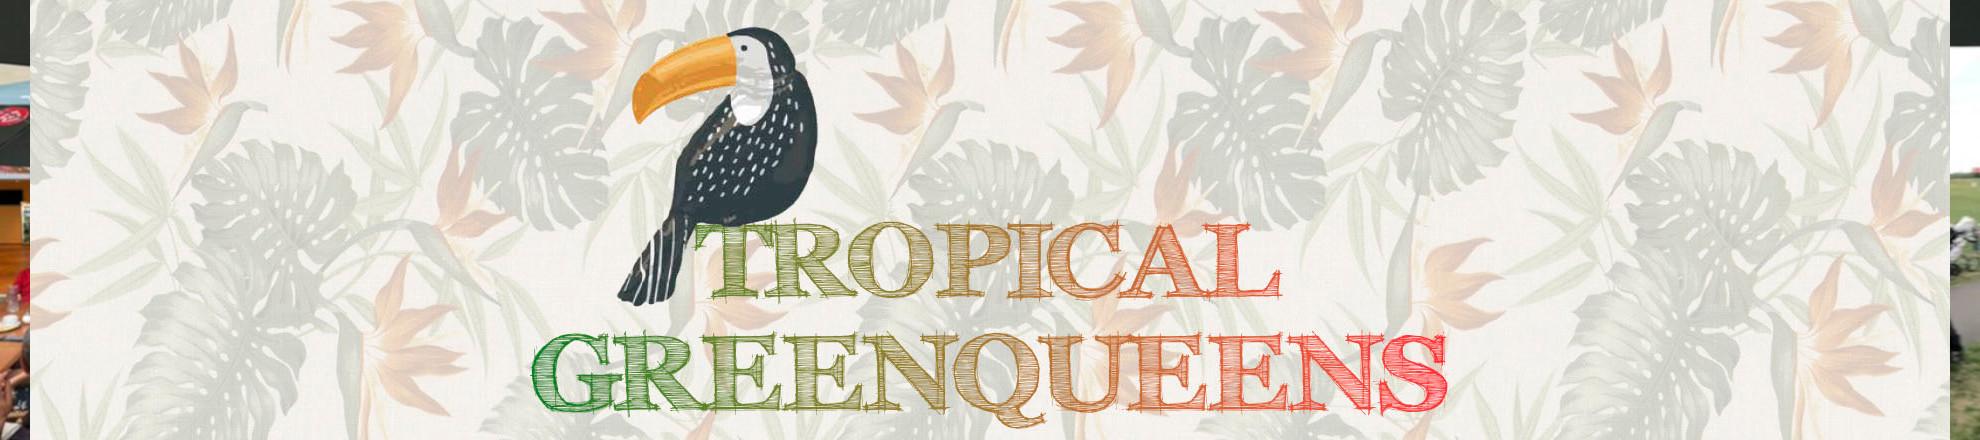 JAB ANSTOETZ Tropical Greenqueens